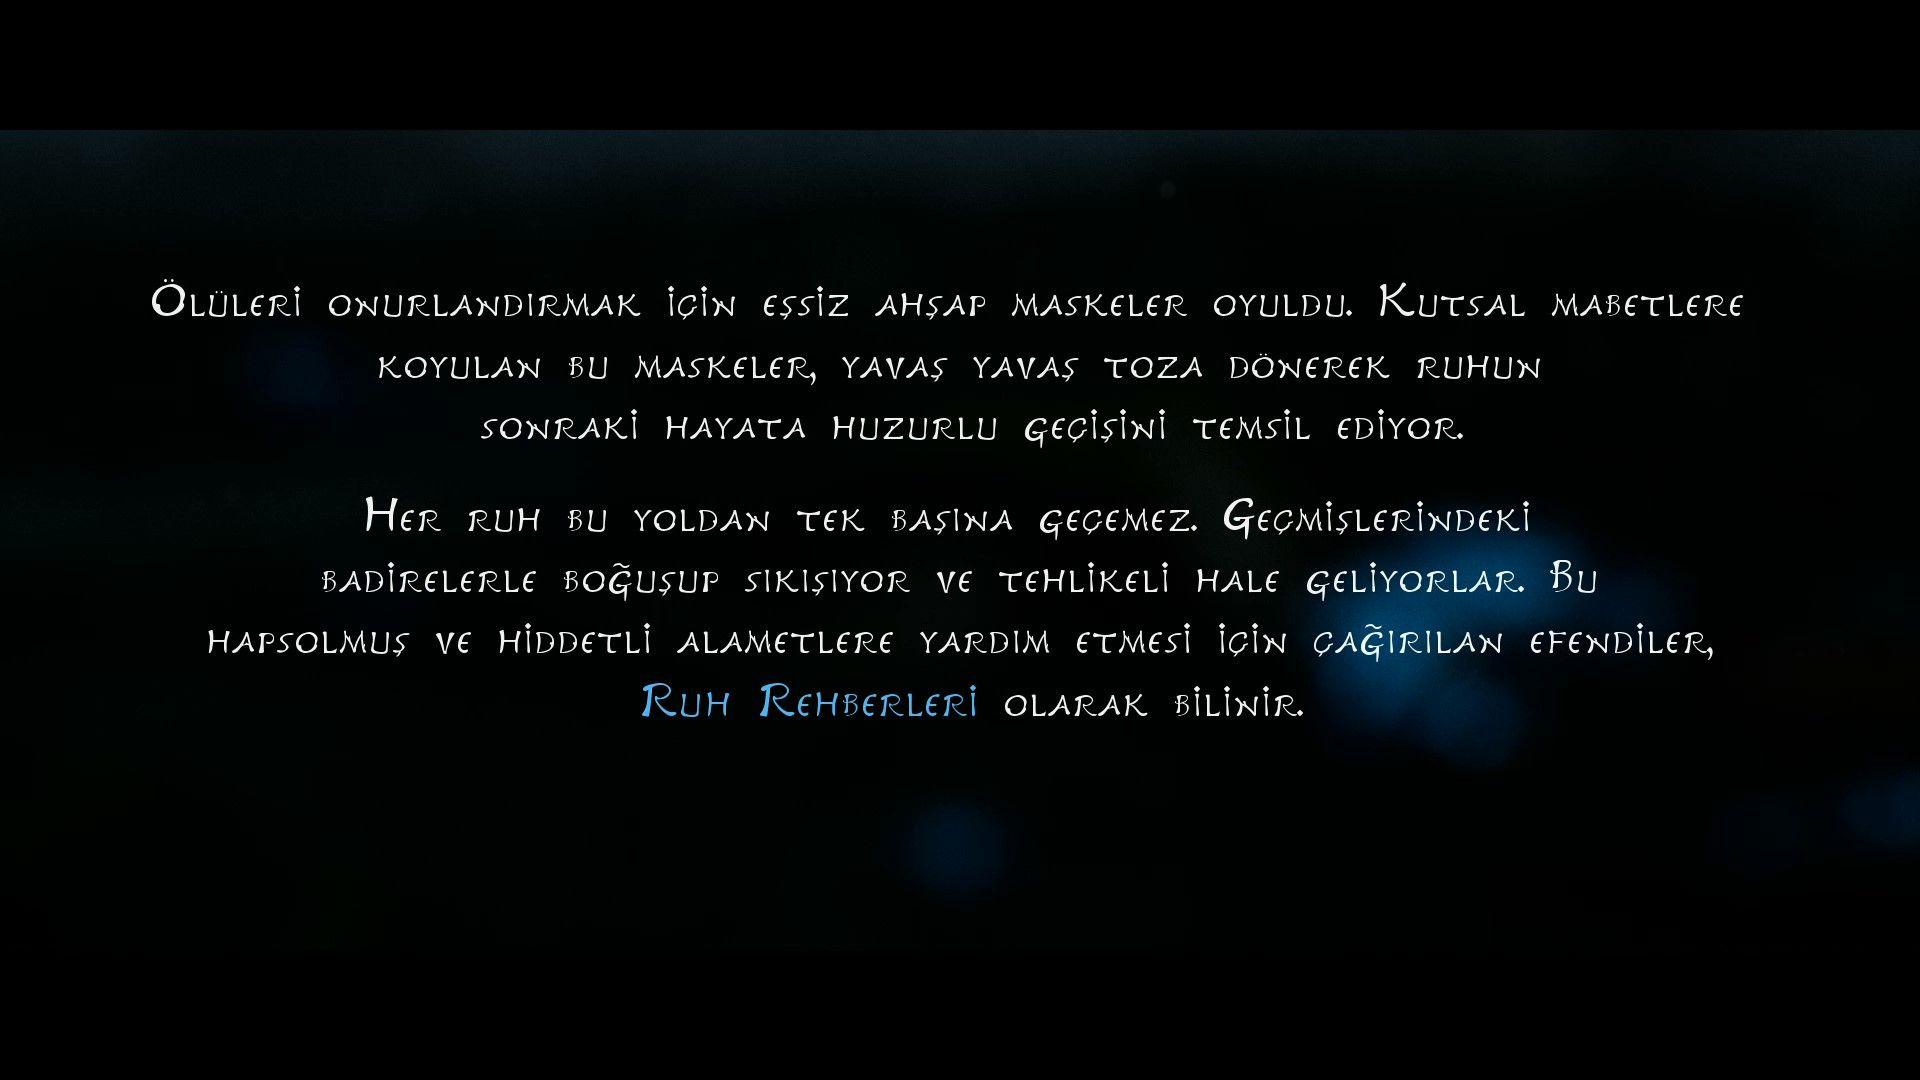 Kena-turkce-yama-1.jpg